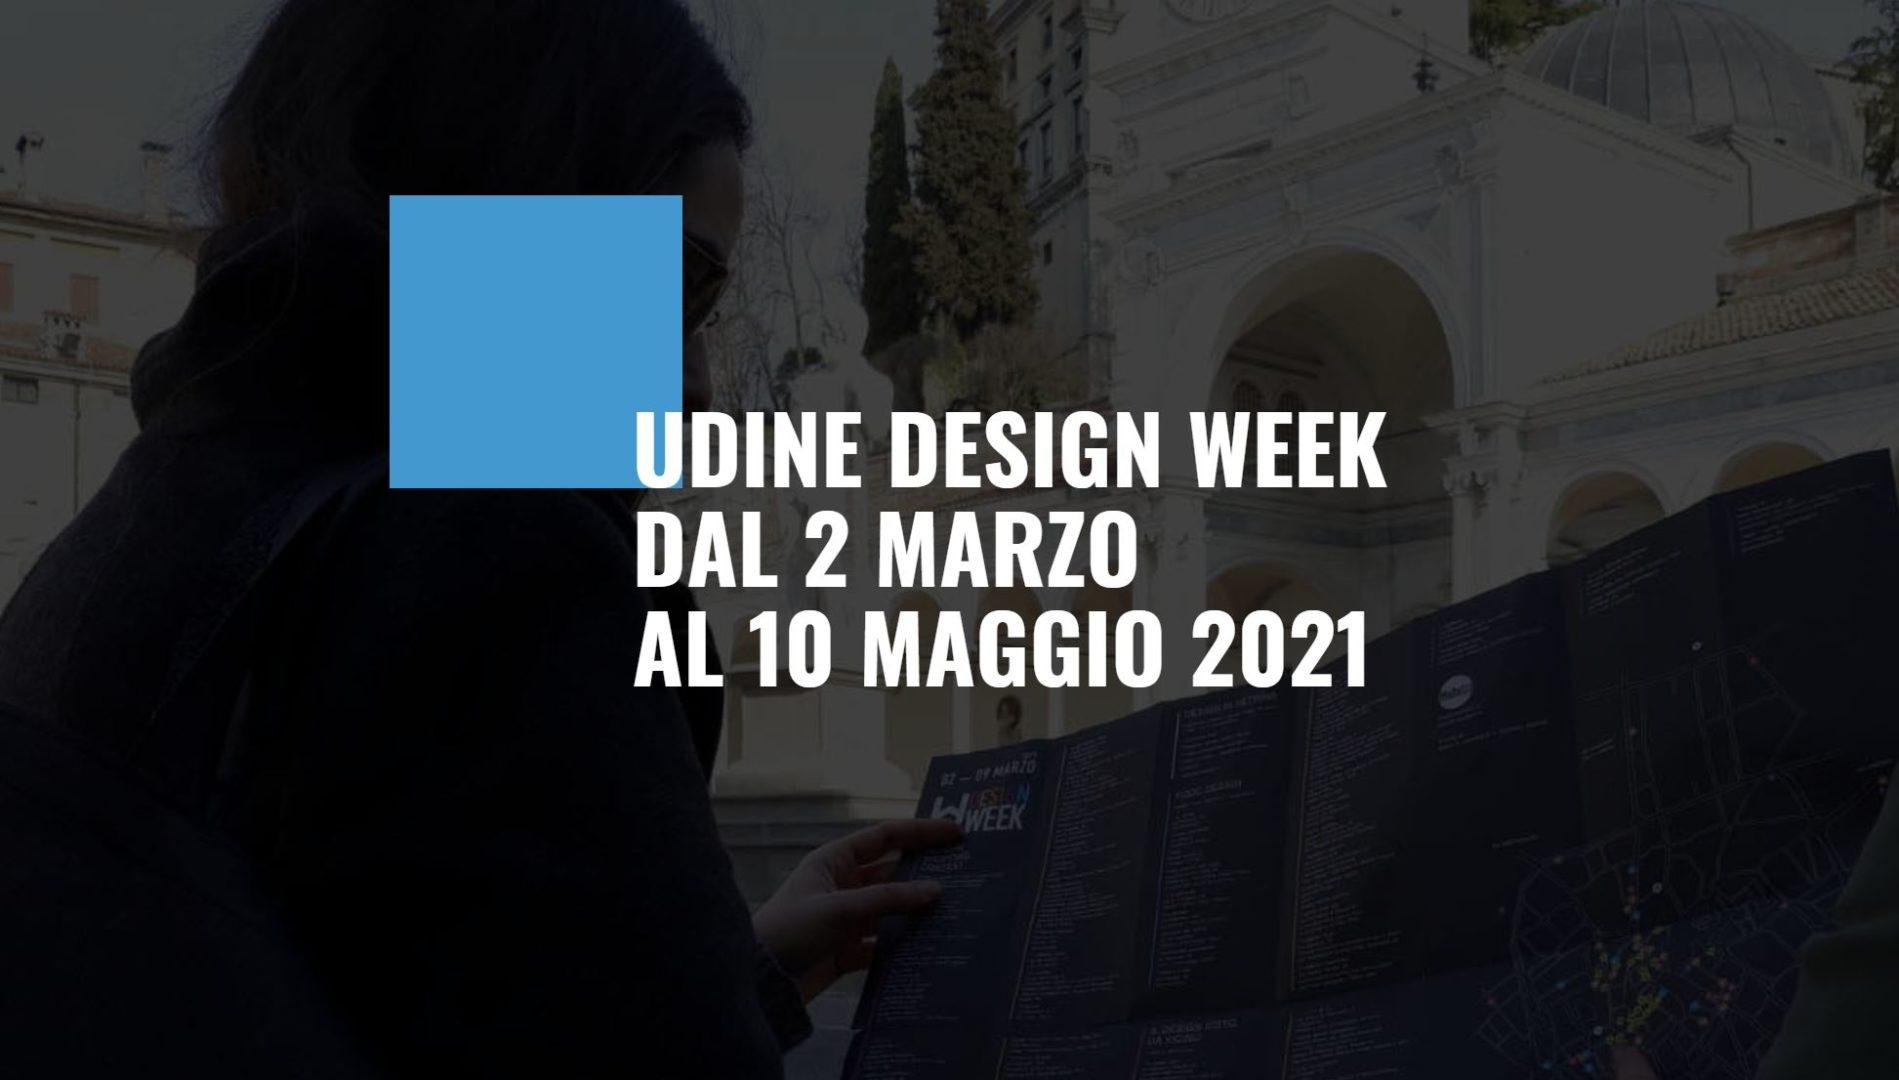 Udine Design Week fino al 10 maggio 2021